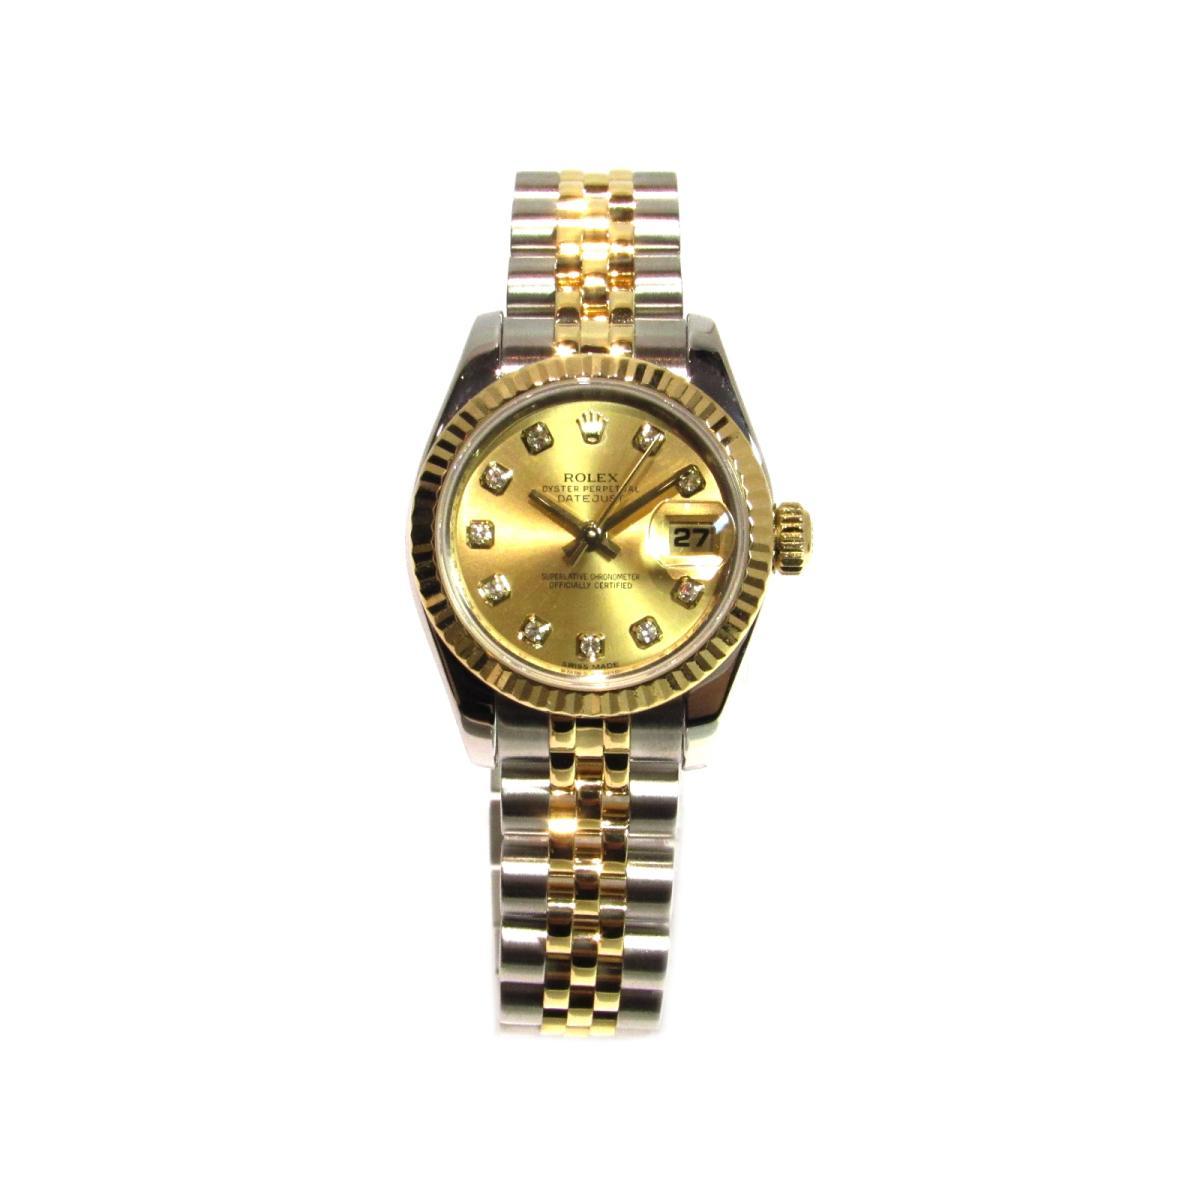 ROLEX 時計 179173G デイトジャスト/レディース腕時計/人気/おすすめ